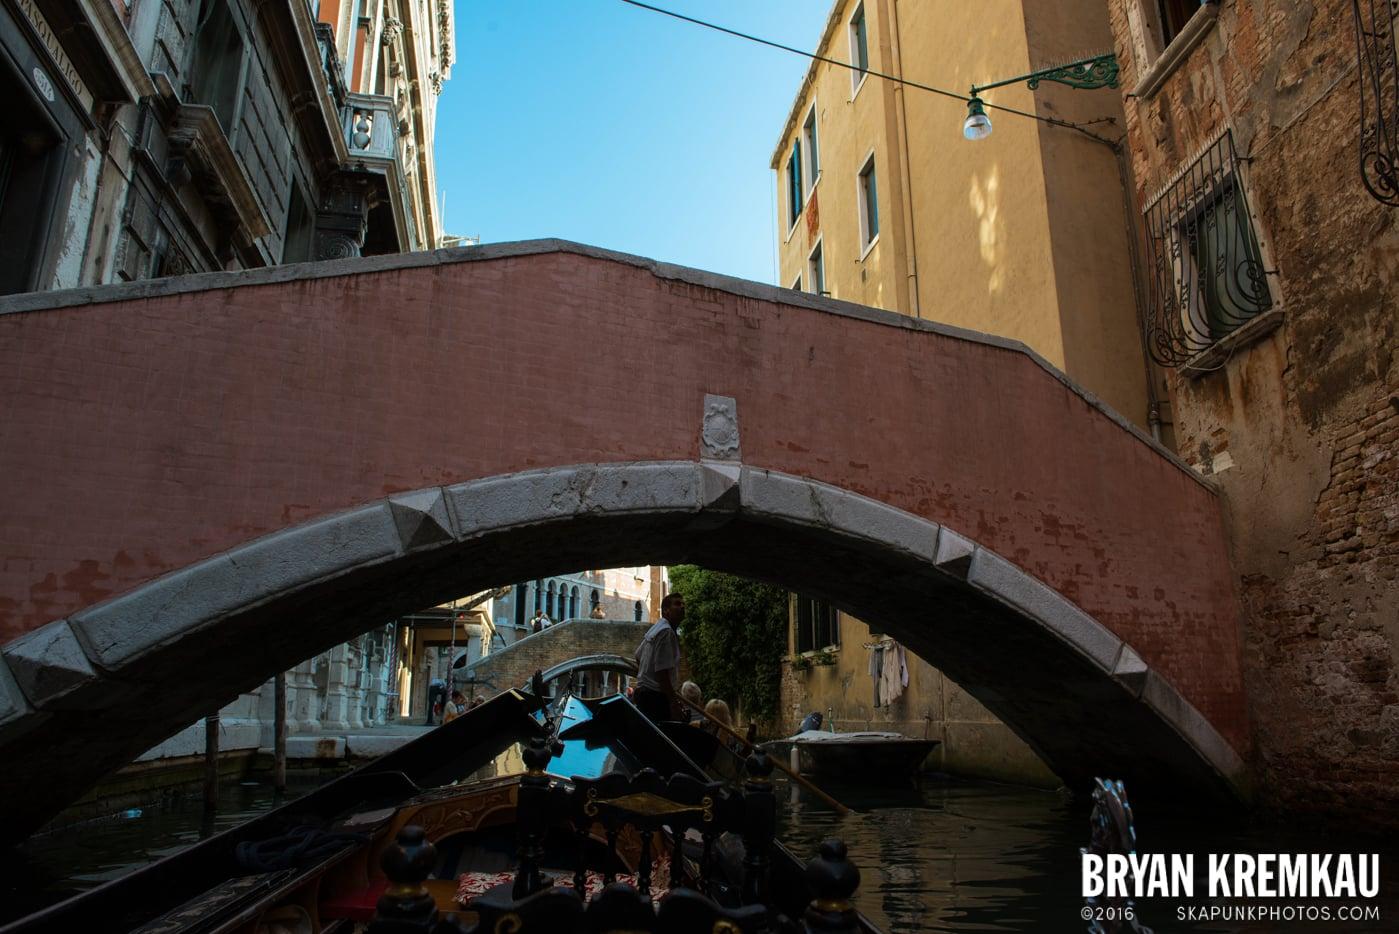 Italy Vacation - Day 5: Venice - 9.13.13 (18)